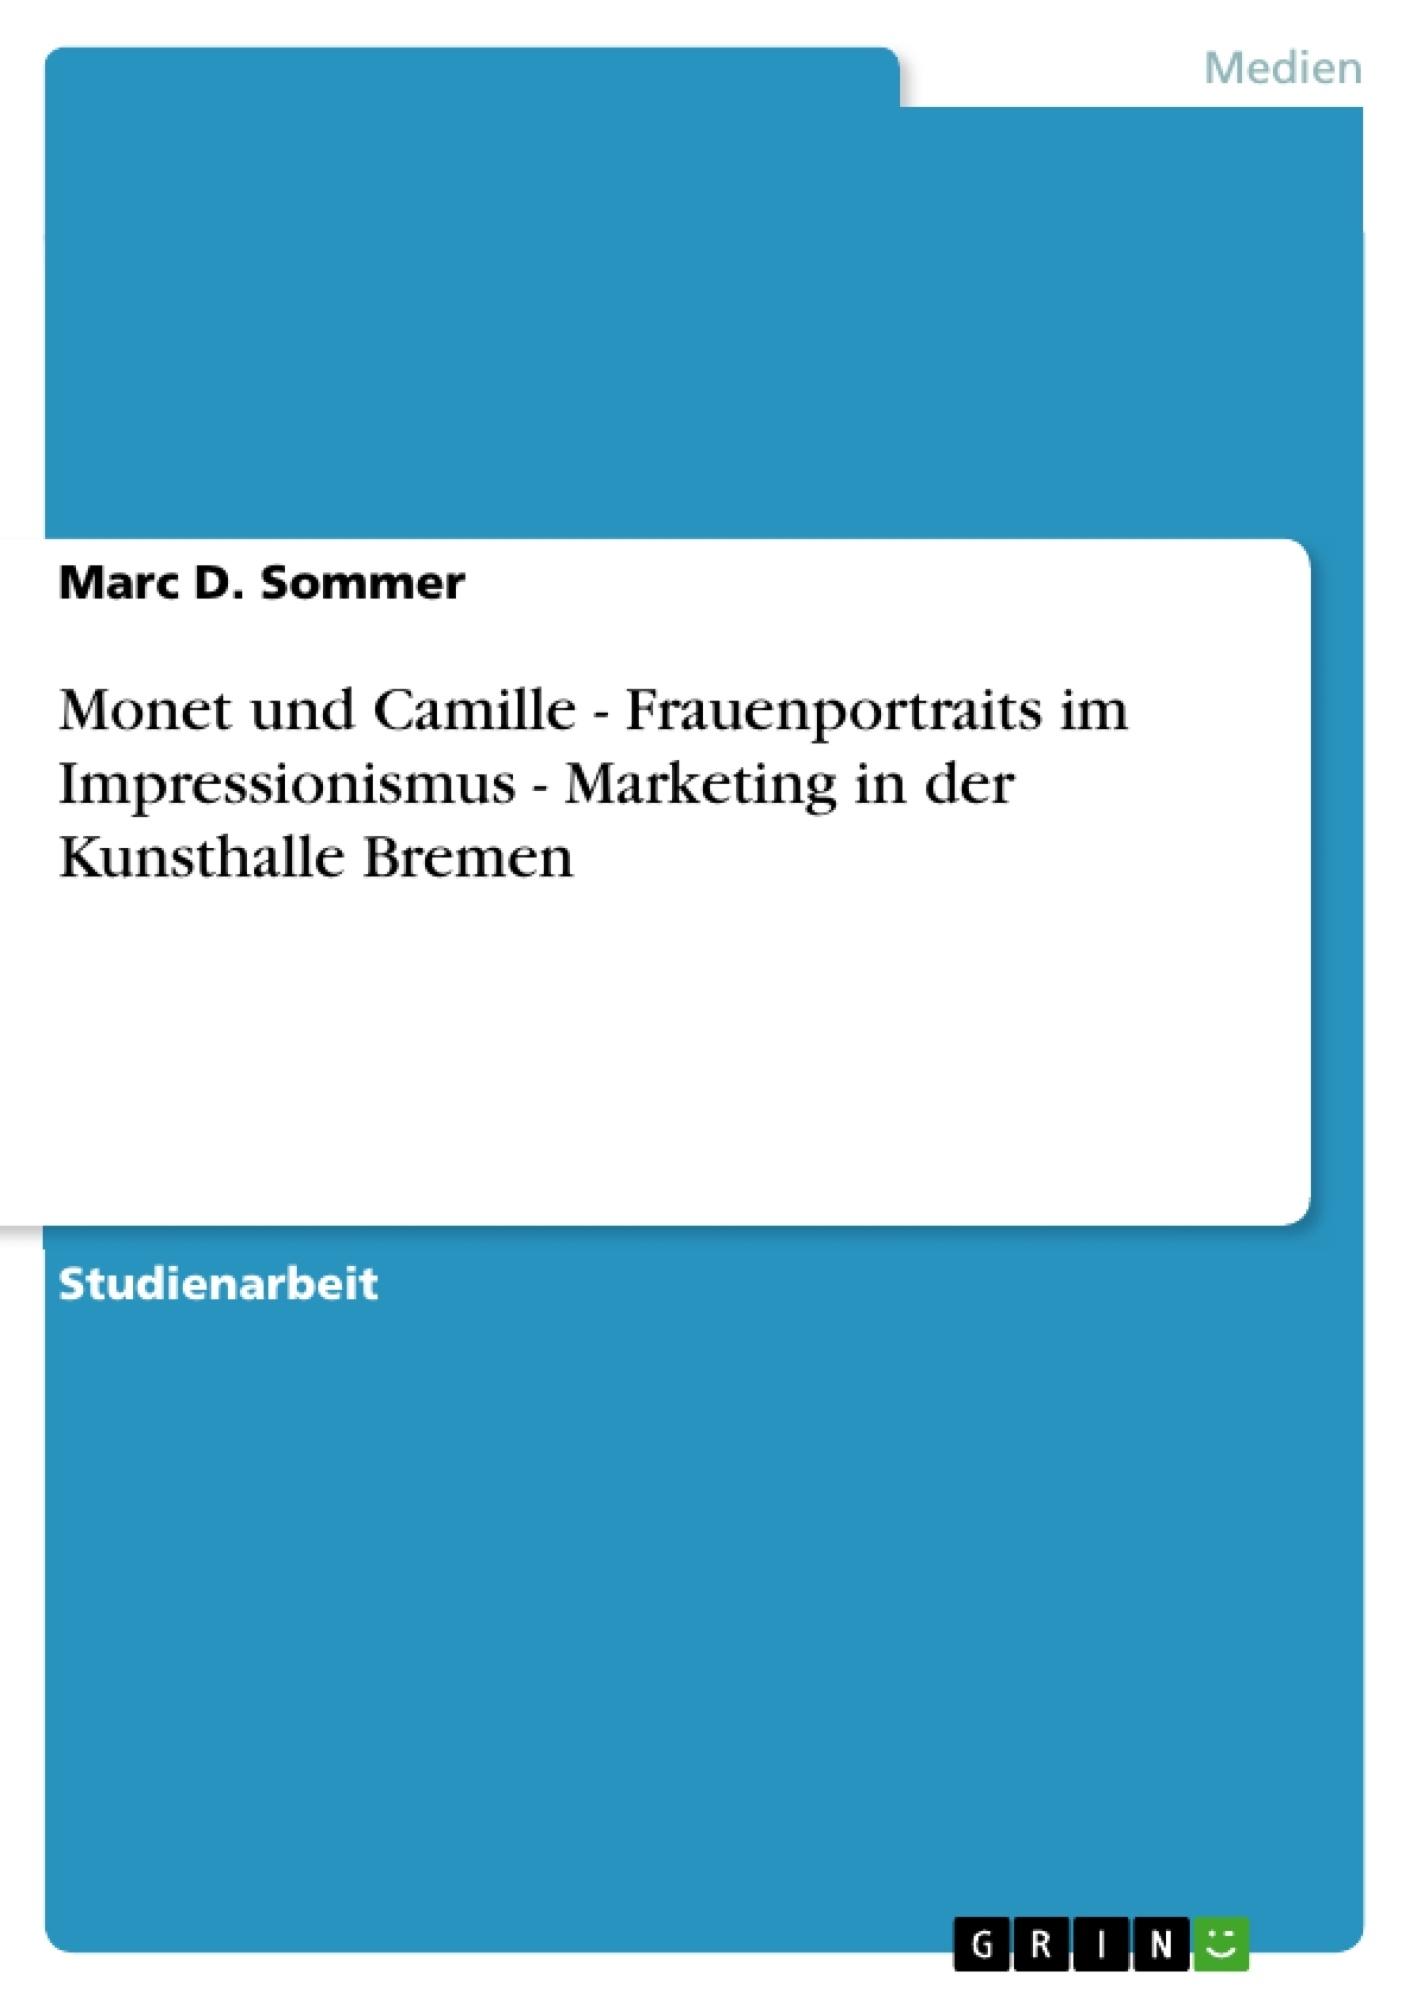 Titel: Monet und Camille - Frauenportraits im Impressionismus - Marketing in der Kunsthalle Bremen